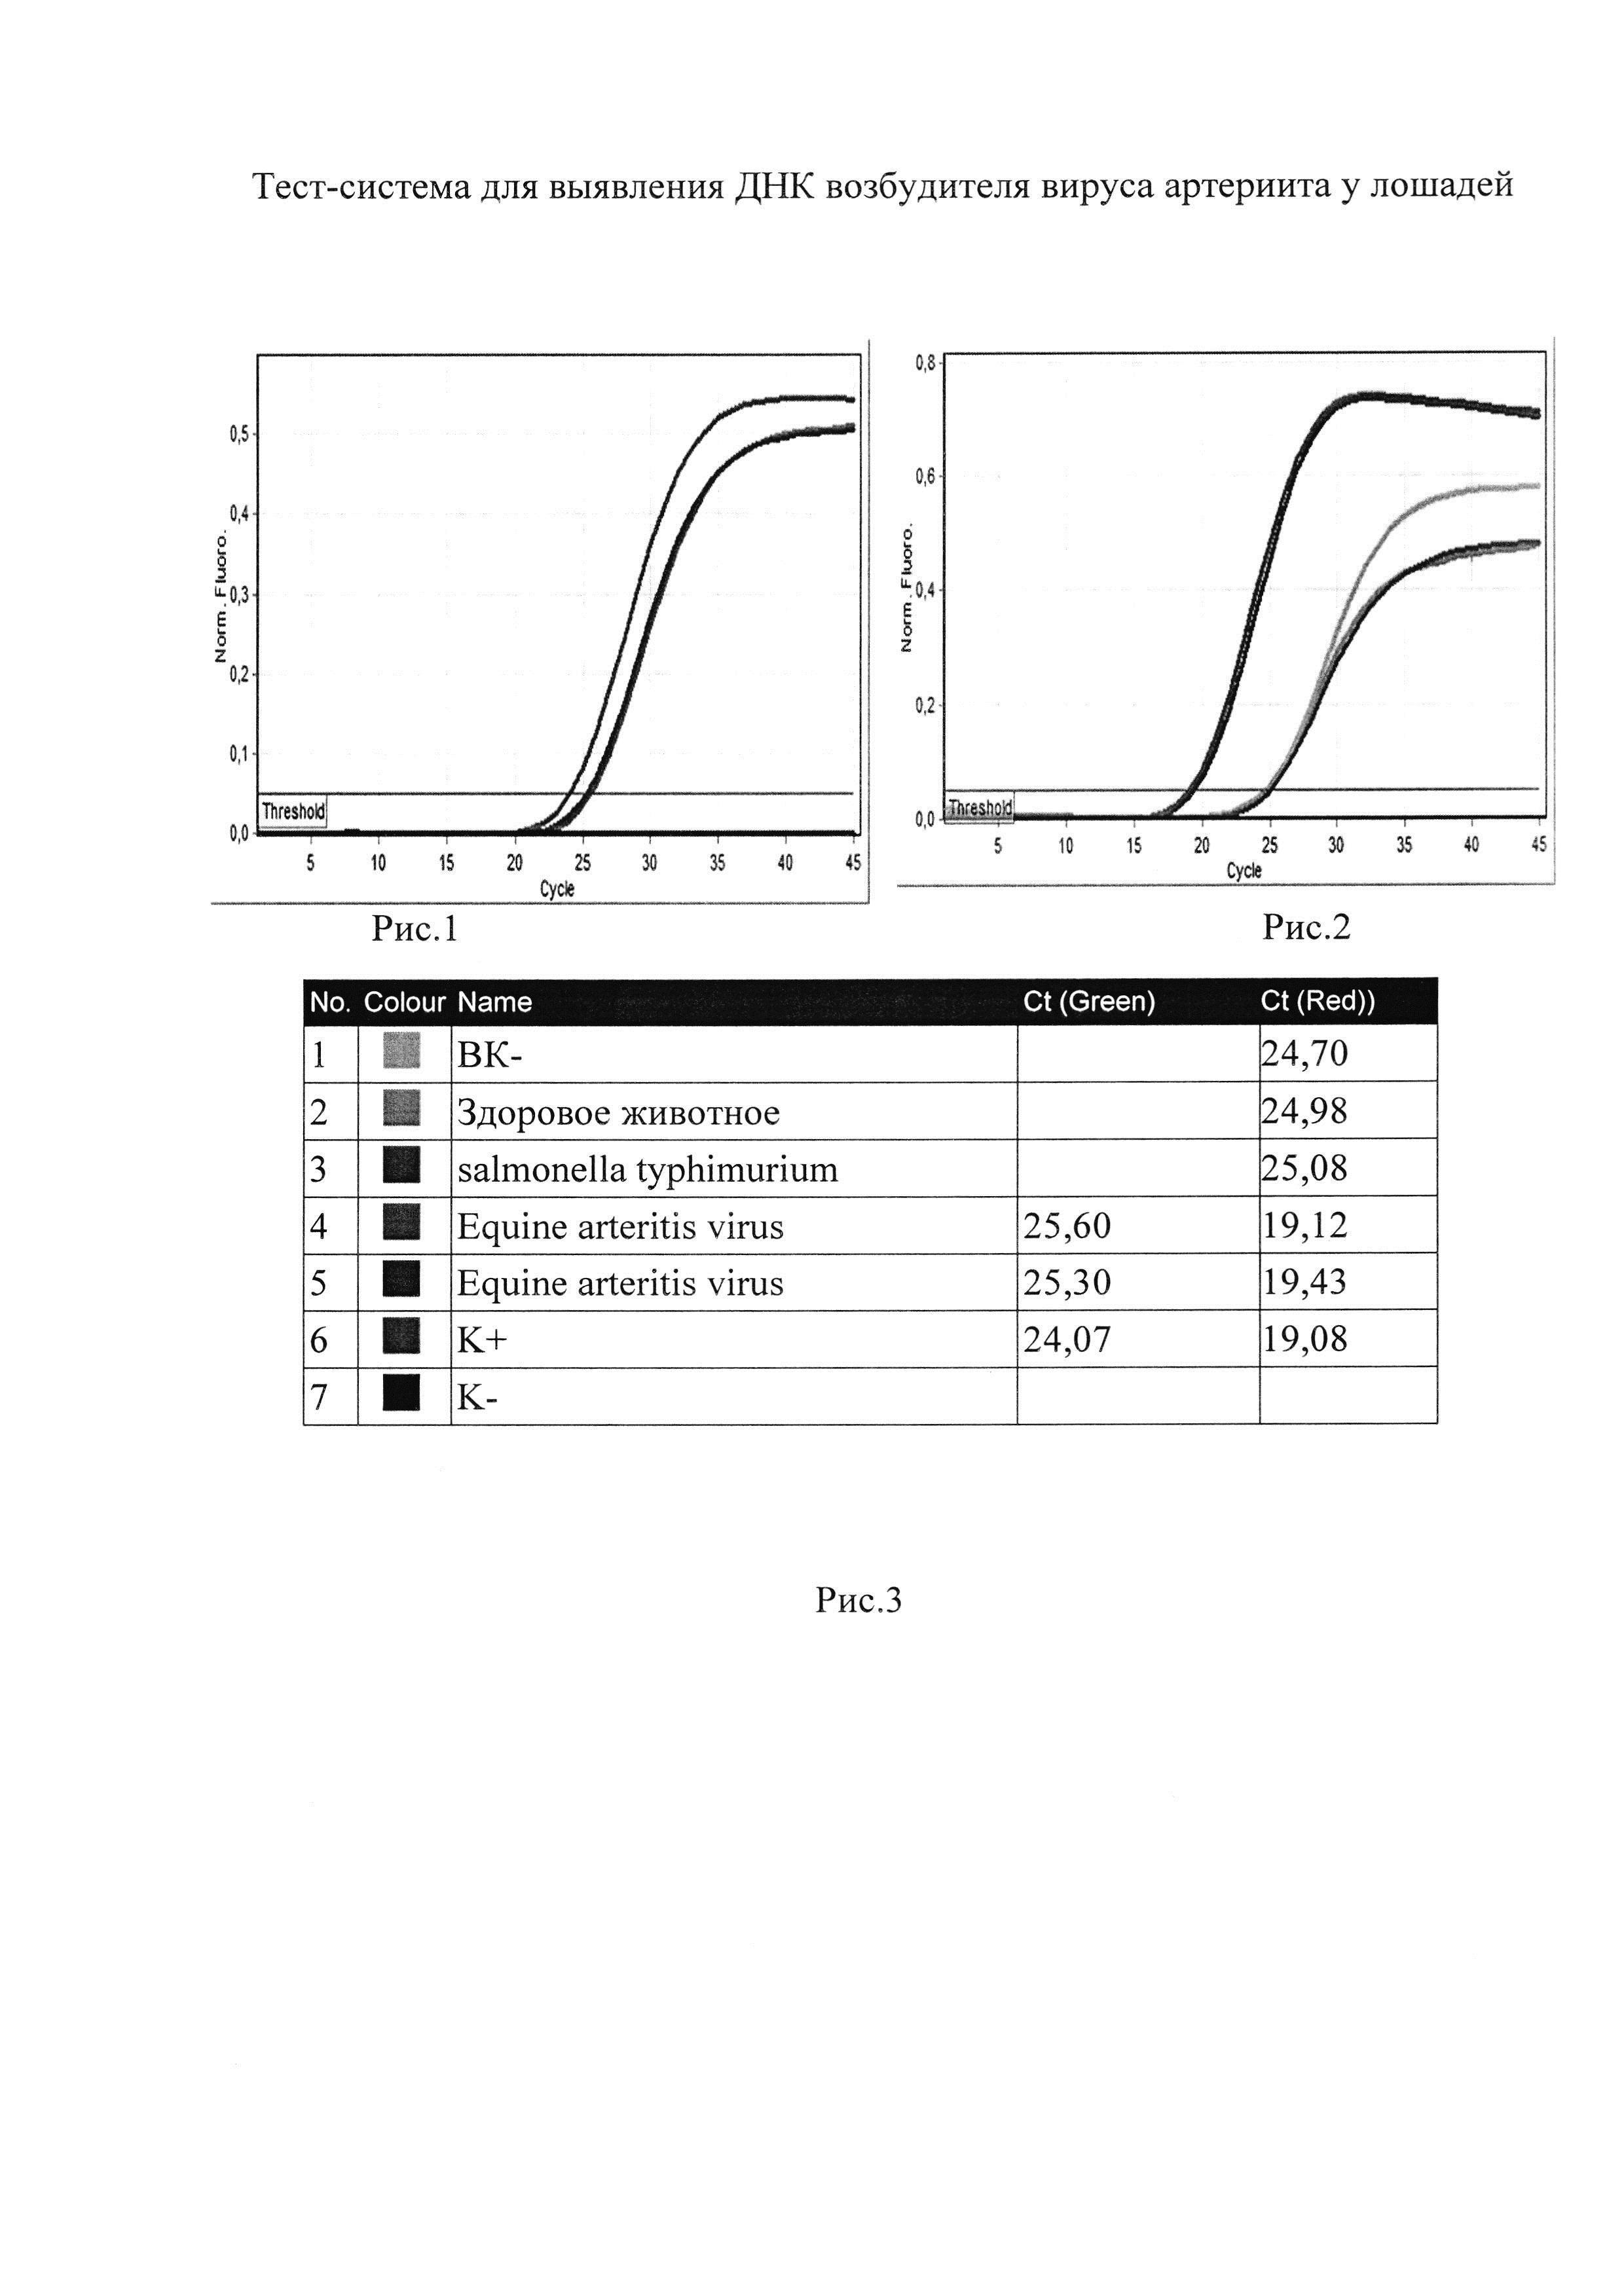 Тест-система для выявления РНК возбудителя вируса артериита у лошадей